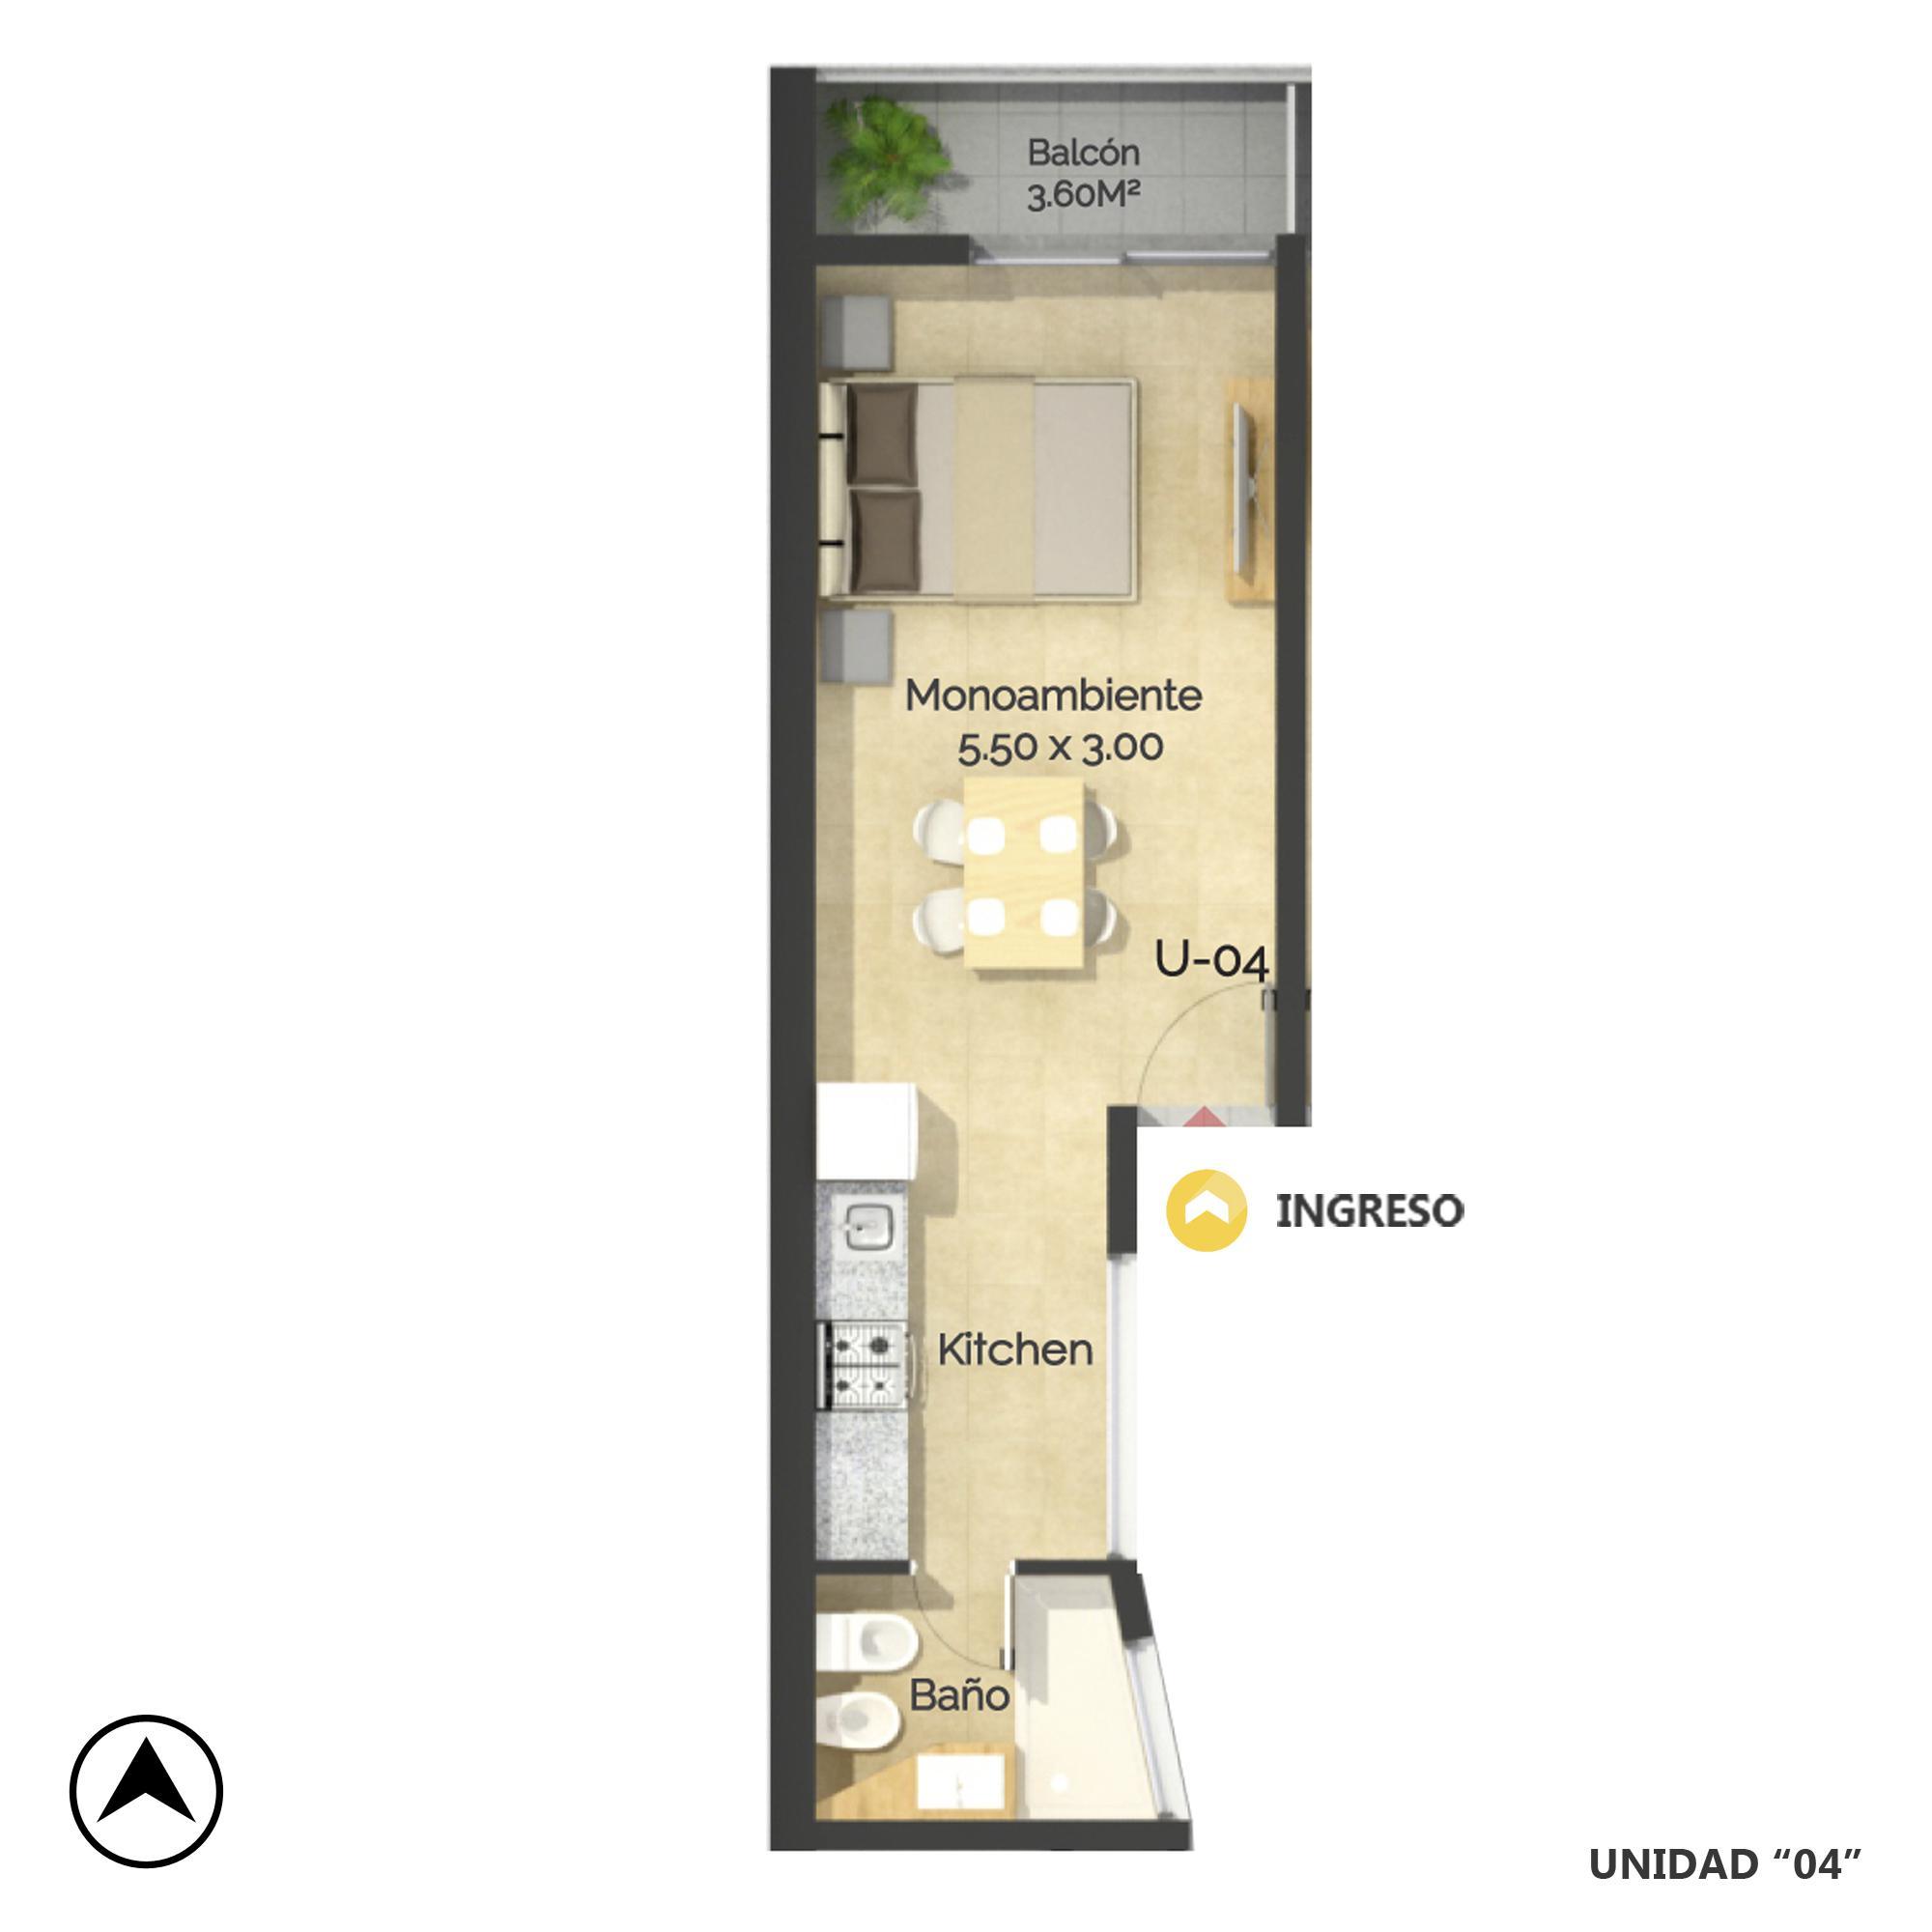 Venta departamento monoambiente Rosario, Oeste. Cod CBU20758 AP2034870. Crestale Propiedades